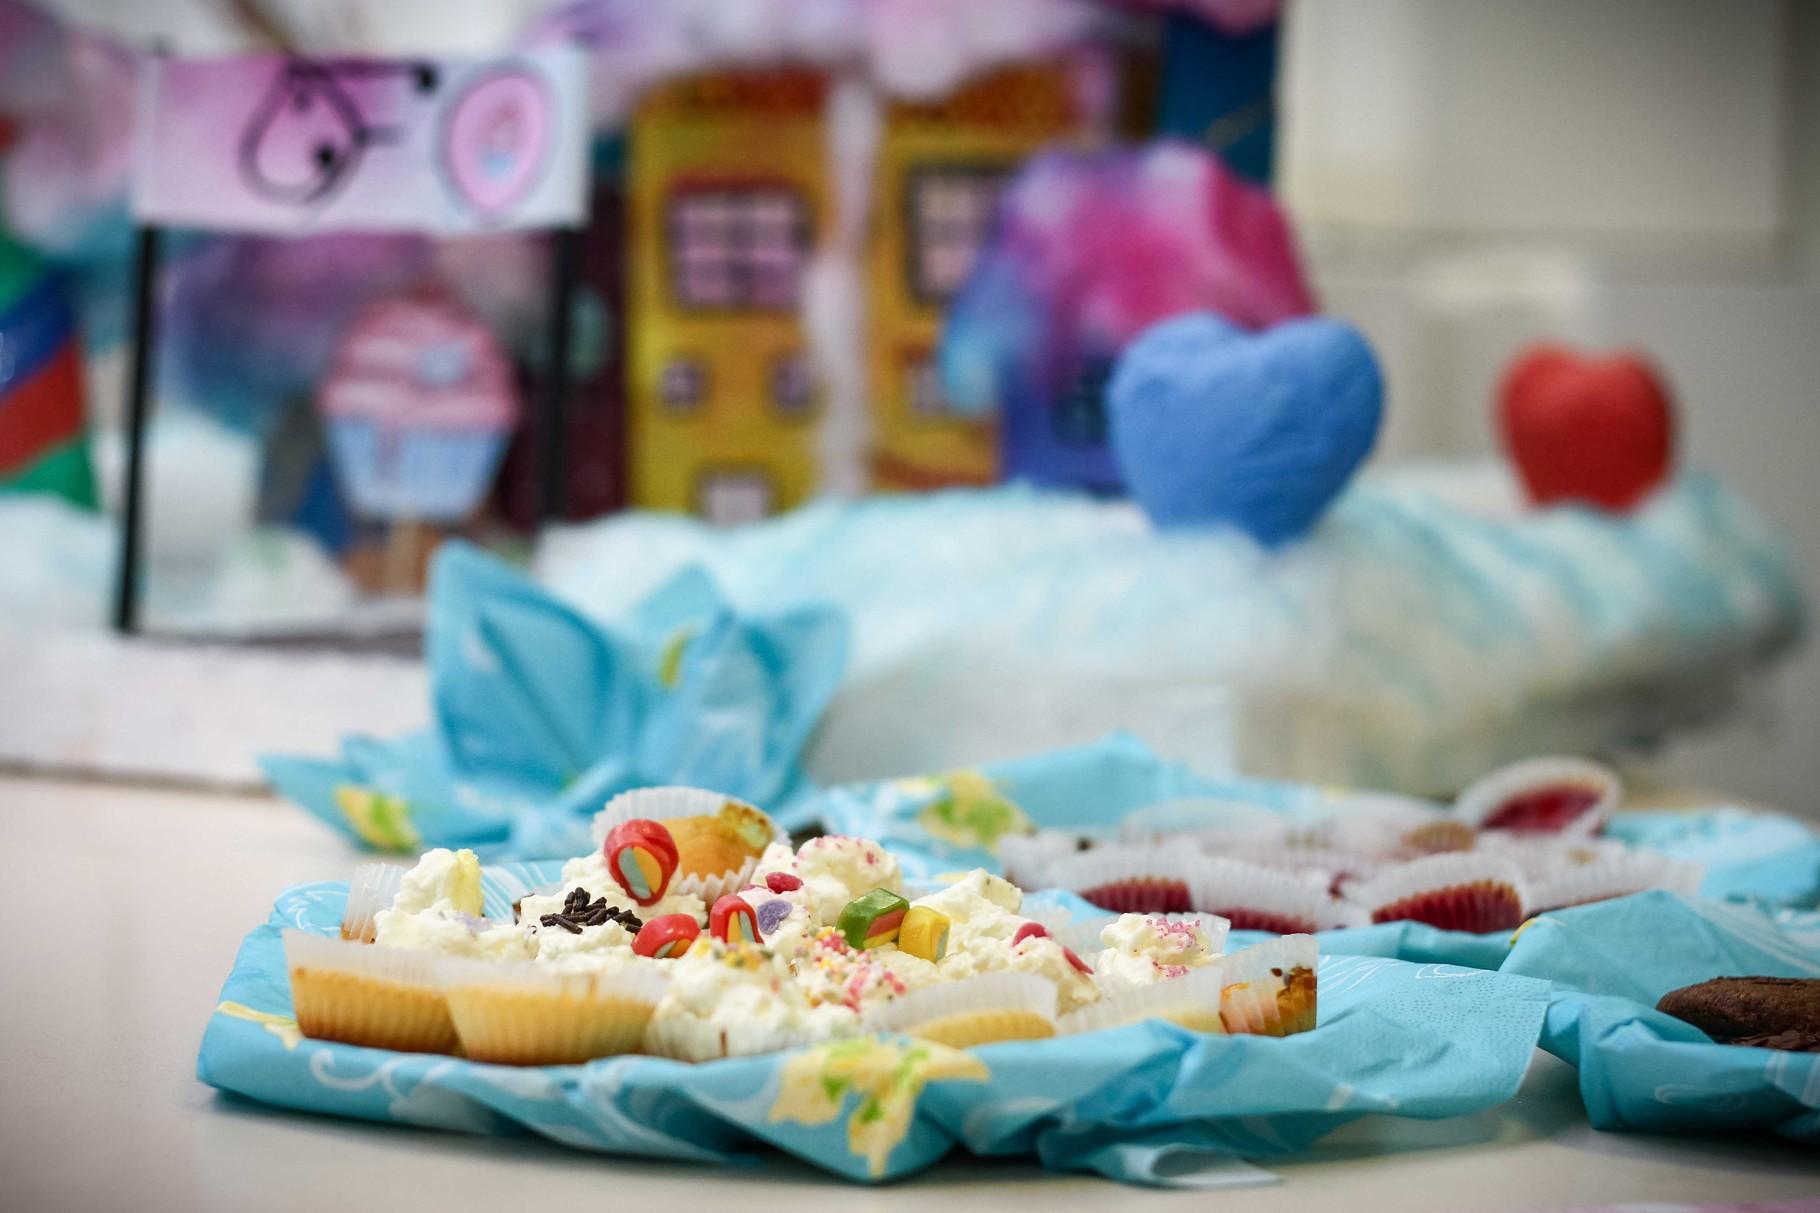 Die Schüler eines Wirtschaftsprojektes haben mit viel Sorgfalt eine eigene Marke (Candy Factory) entworfen, unter der zum Tag der offenen Tür Süßes angeboten wurde.